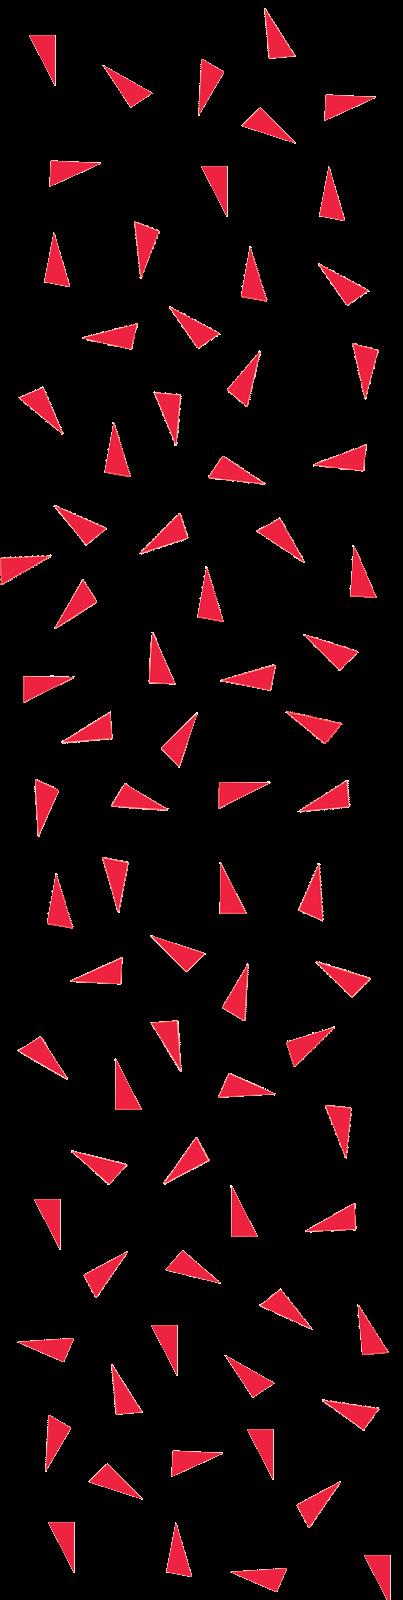 pattern 1  copy.png